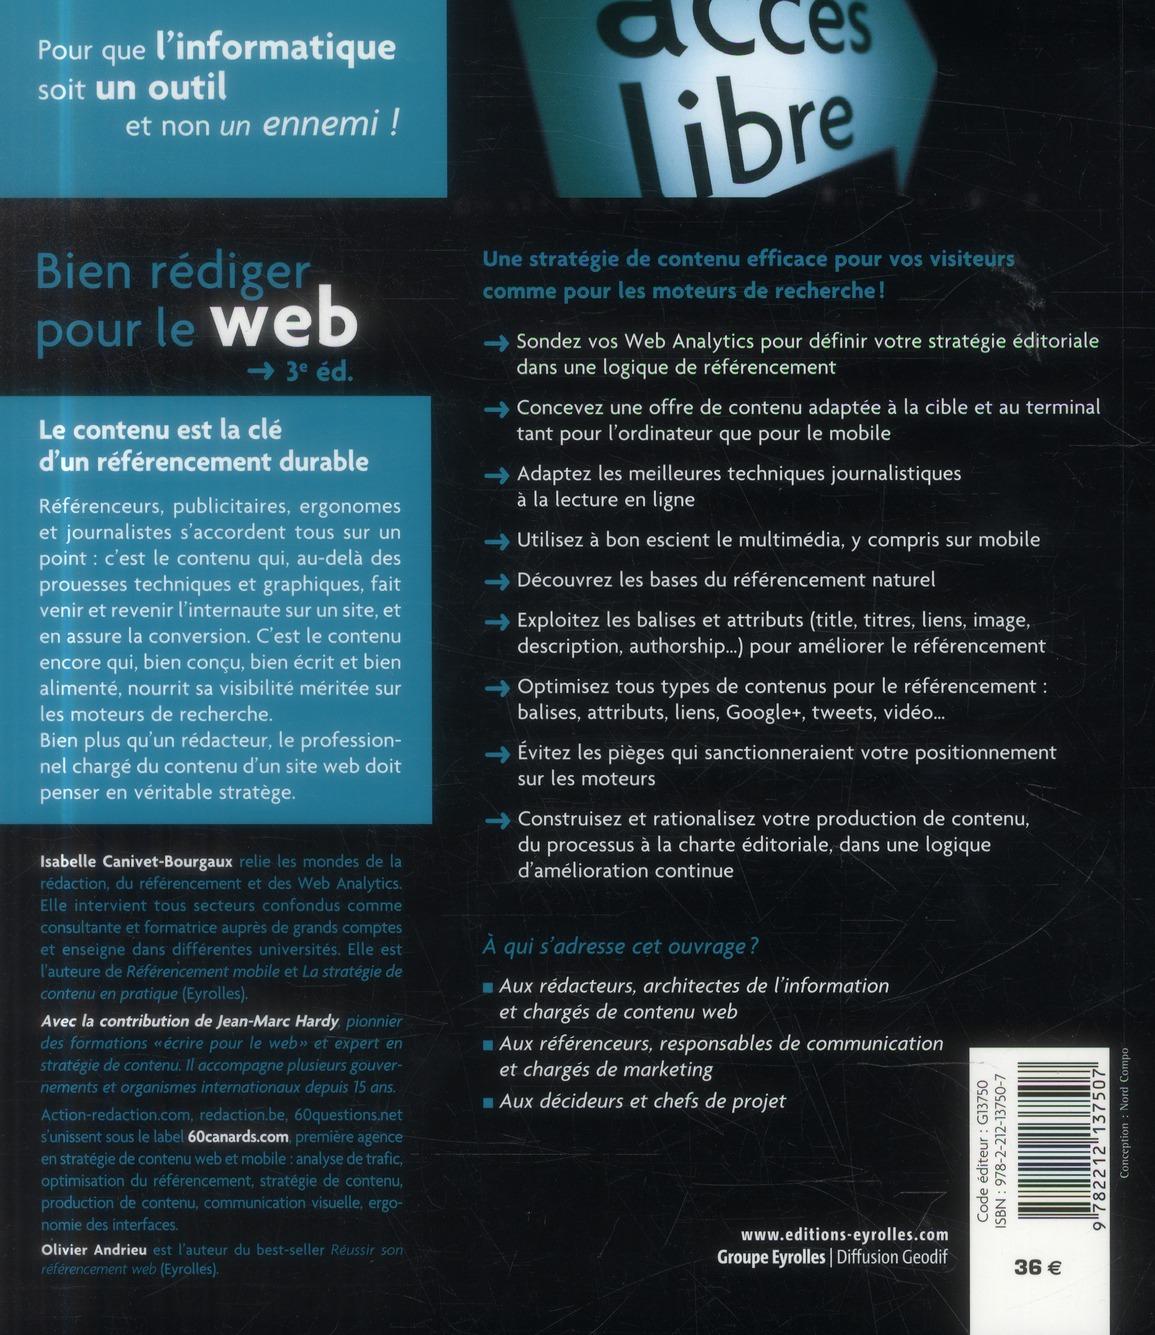 Bien rédiger pour le web ; stratégie de contenu pour améliorer son référencement naturel (3e édition)